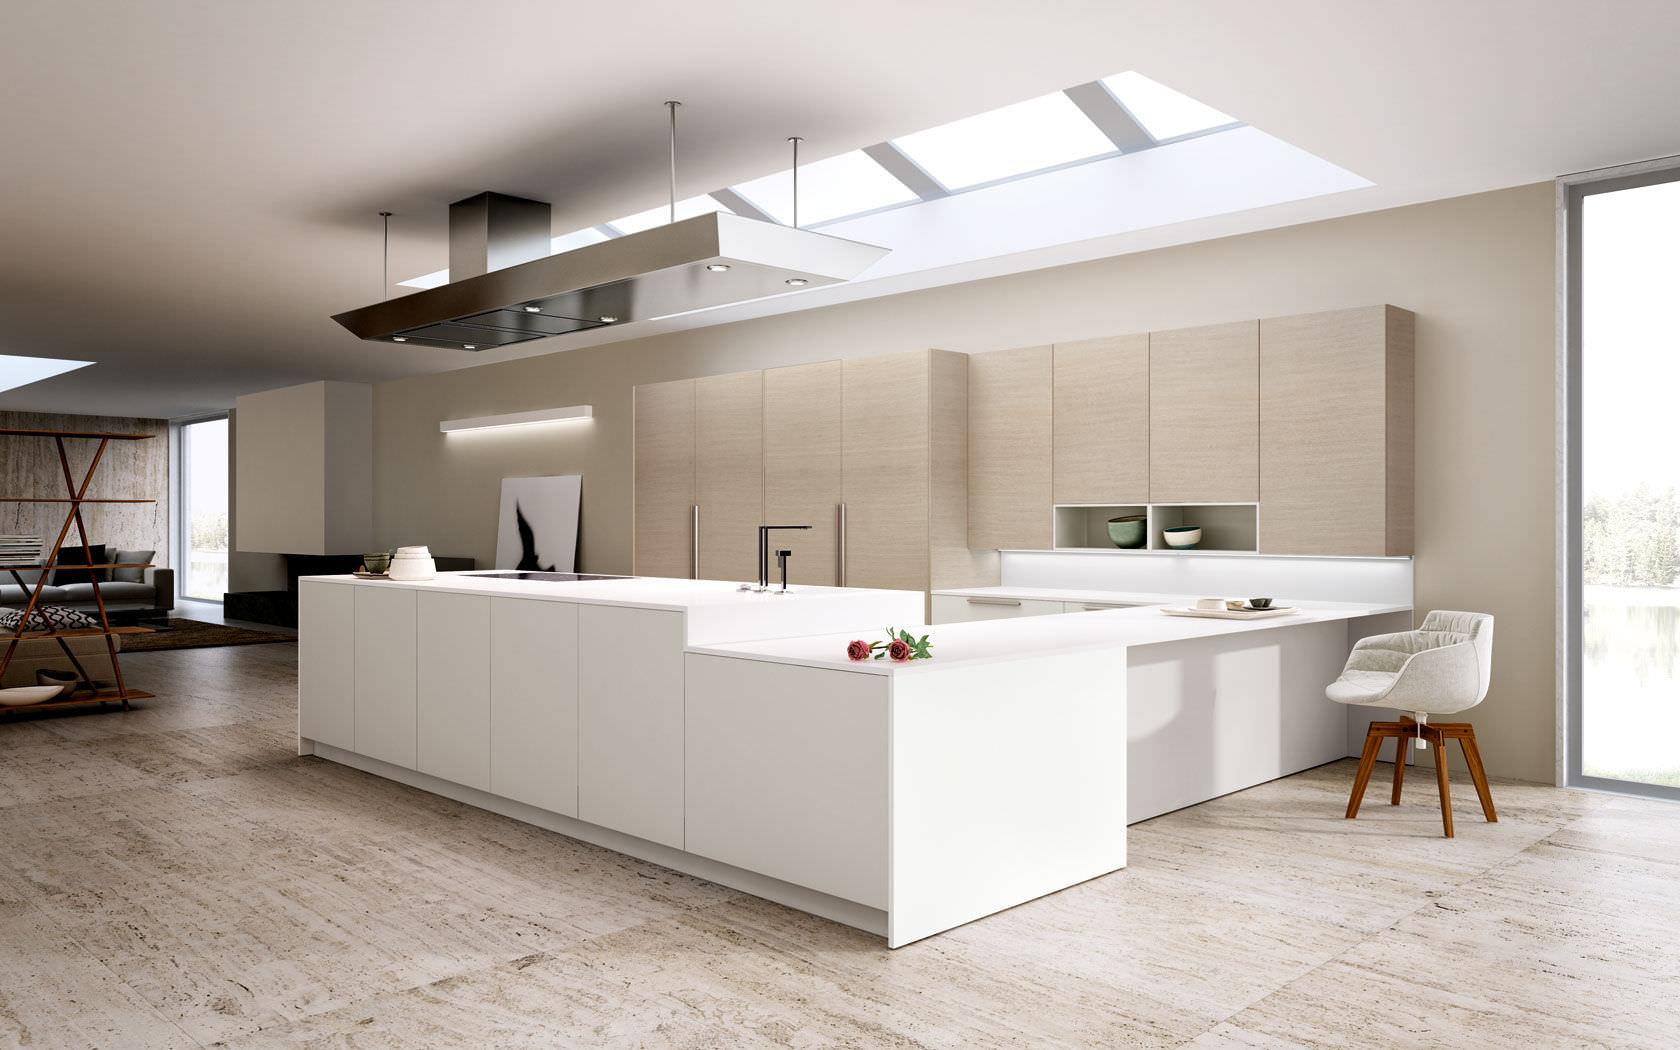 Cucina moderna / in legno / laccata / senza maniglie - OPAL REGULA ...